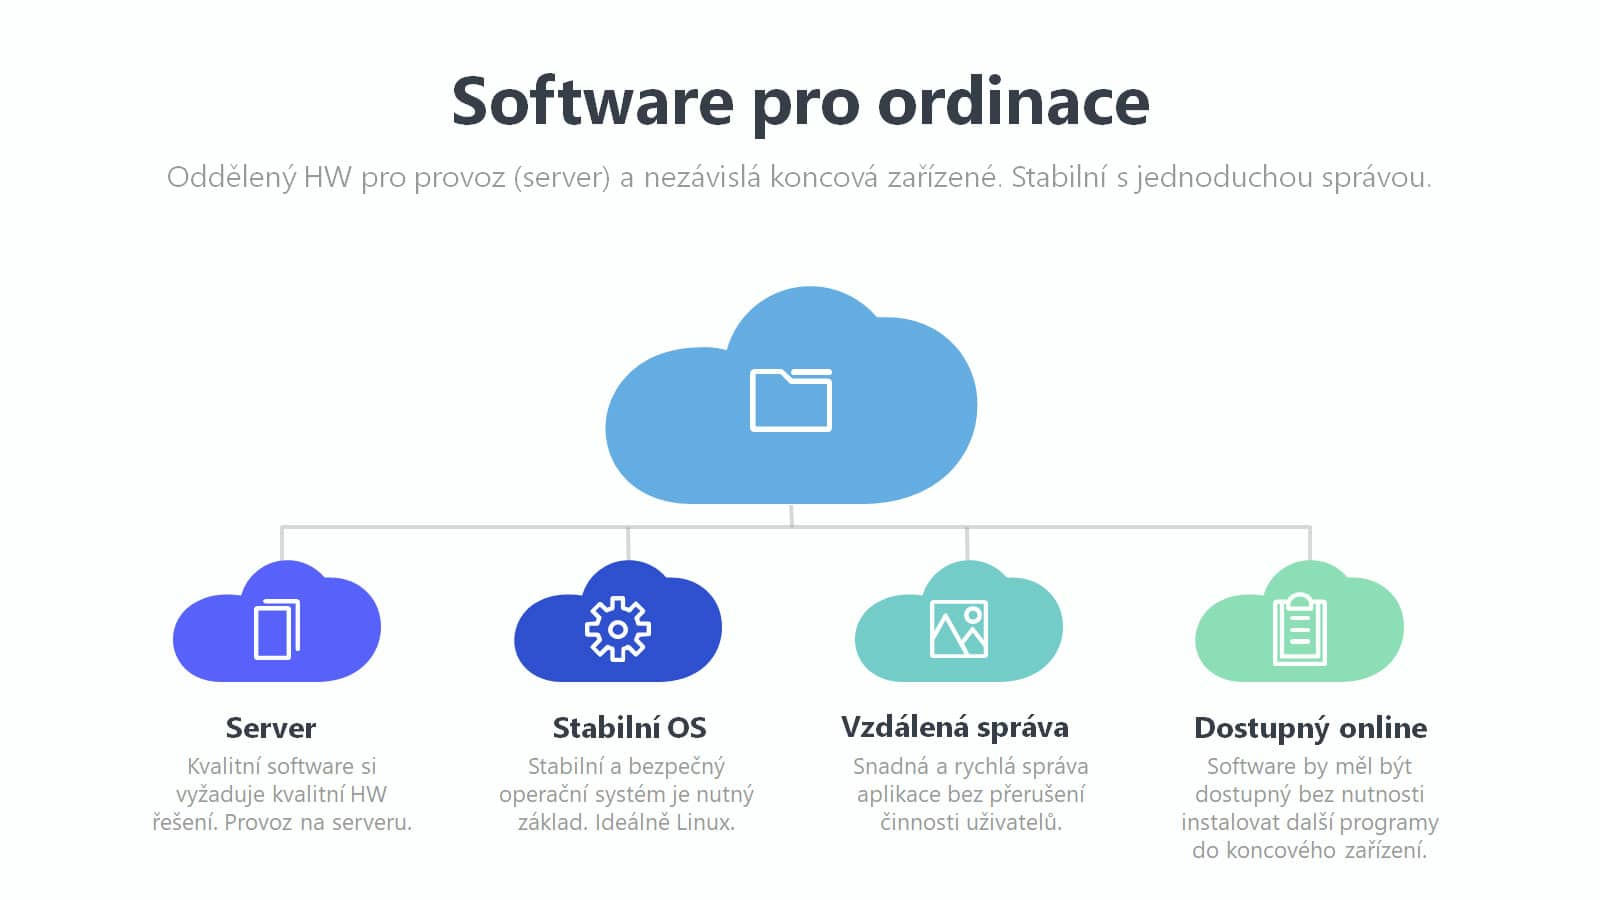 Dent 21 - vhodné umístění software pro ordinace